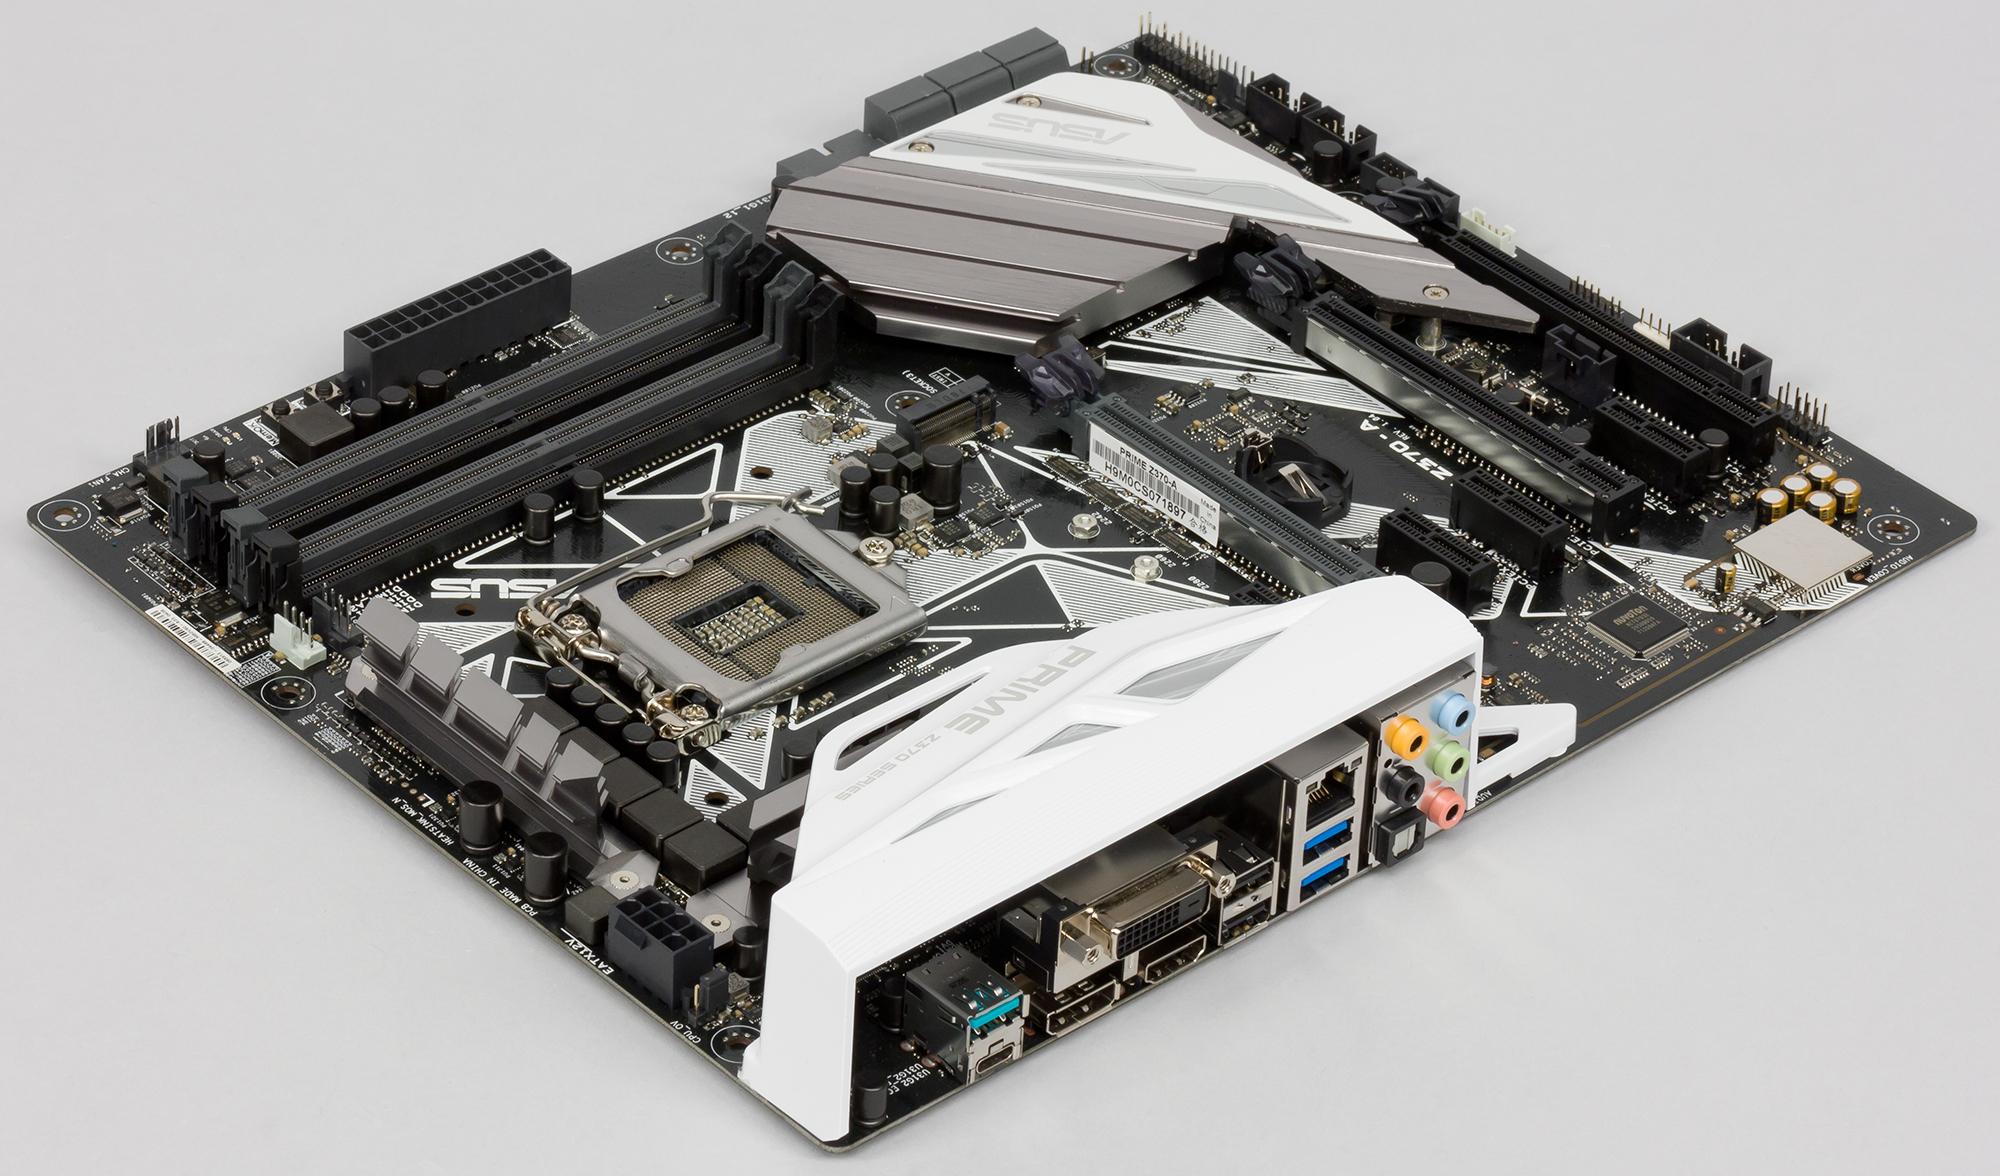 Intel снимет с производства материнские платы для процессоров 2018 модельного года